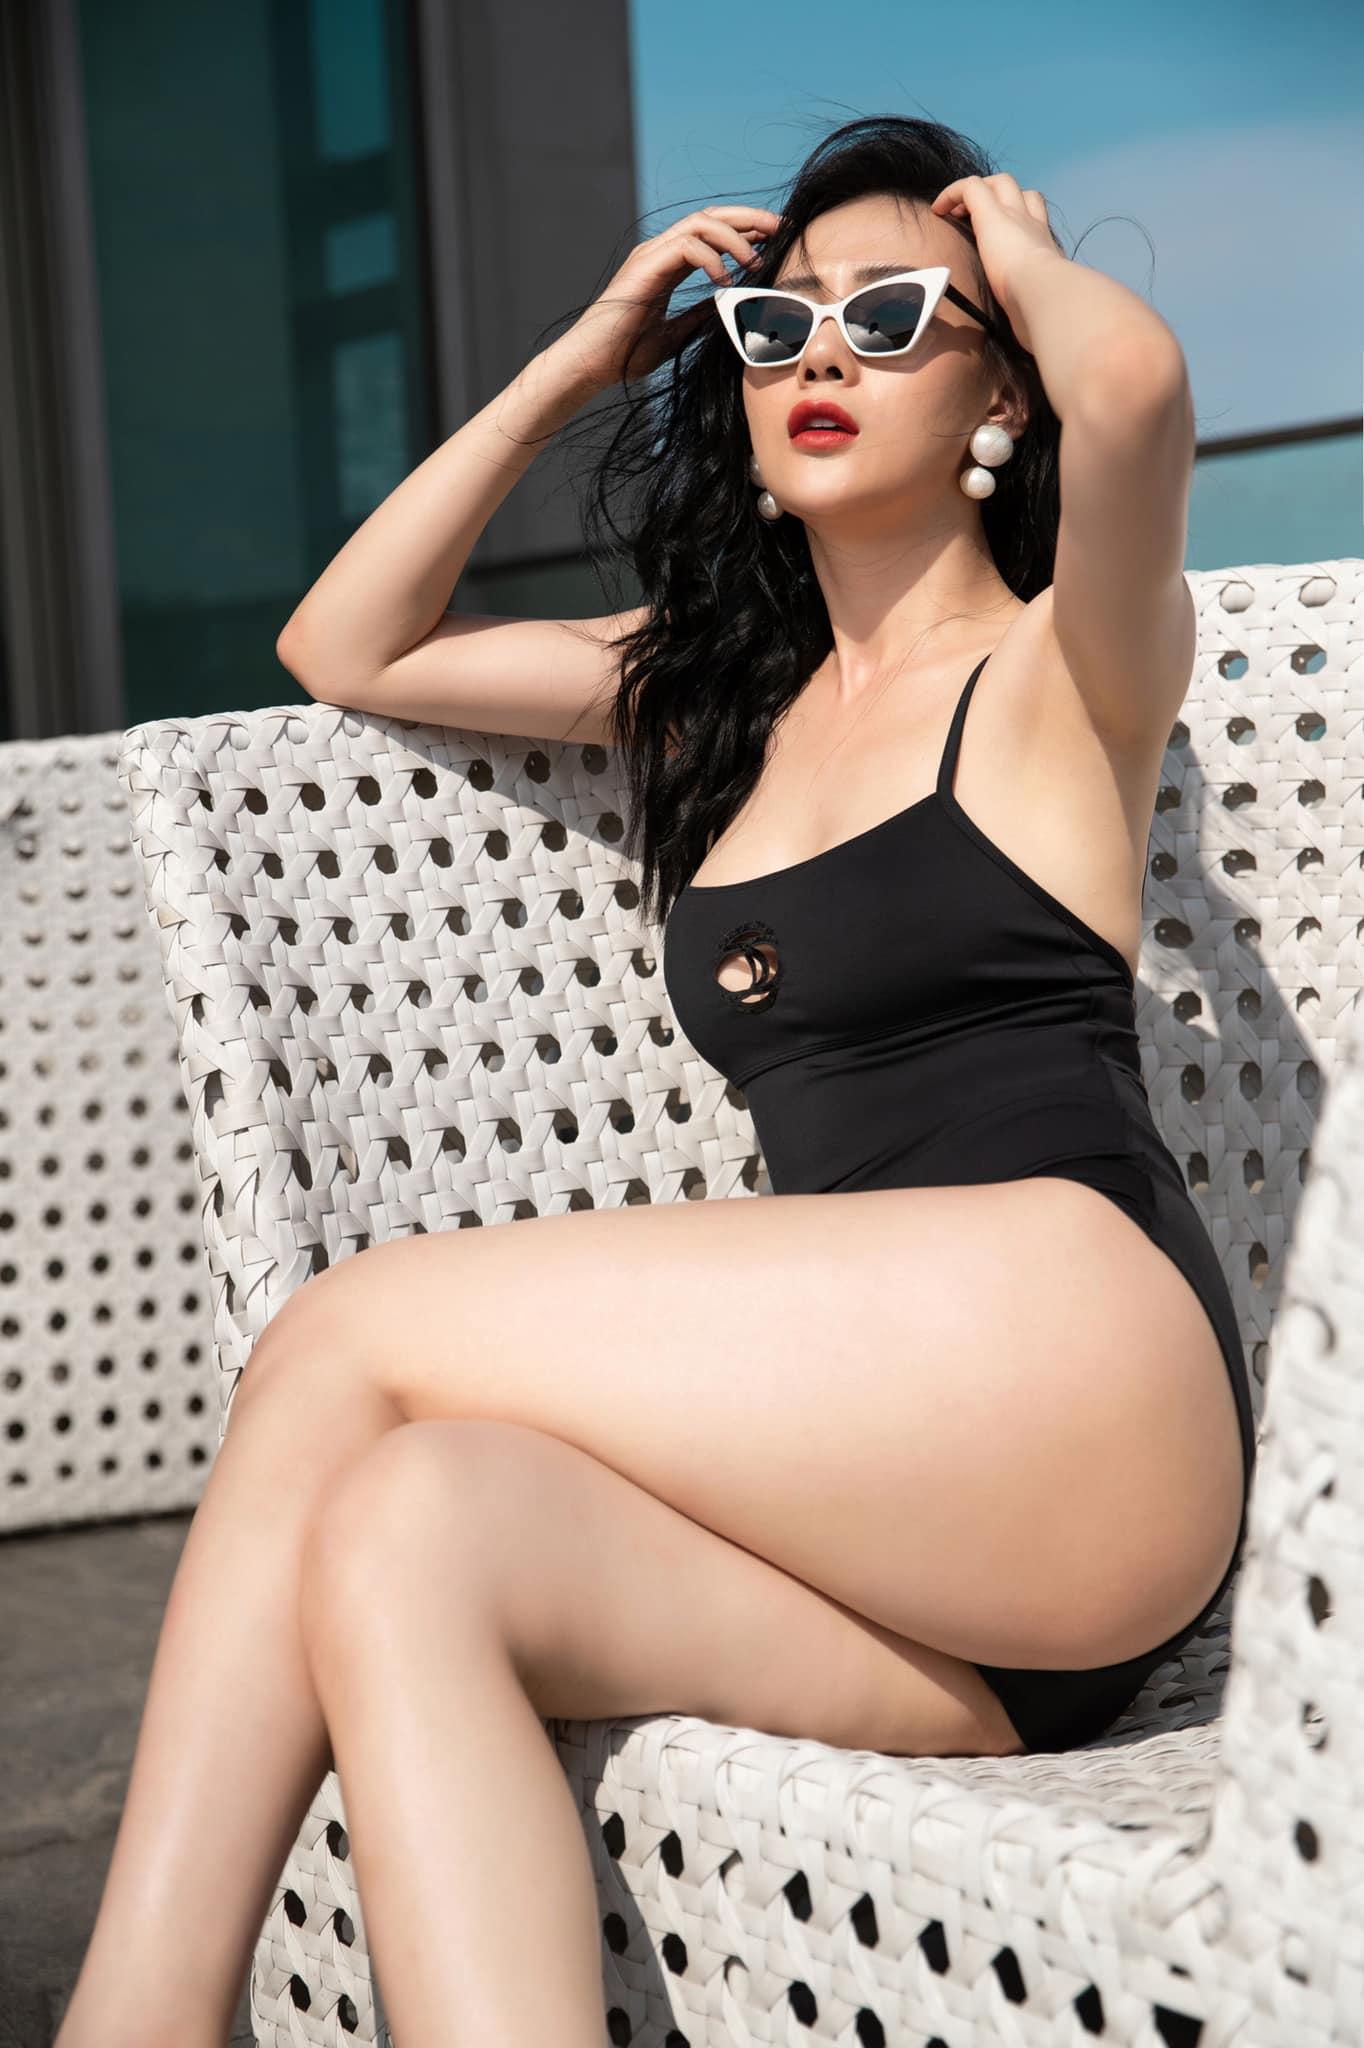 Phương Oanh Quỳnh Búp Bê Bikini